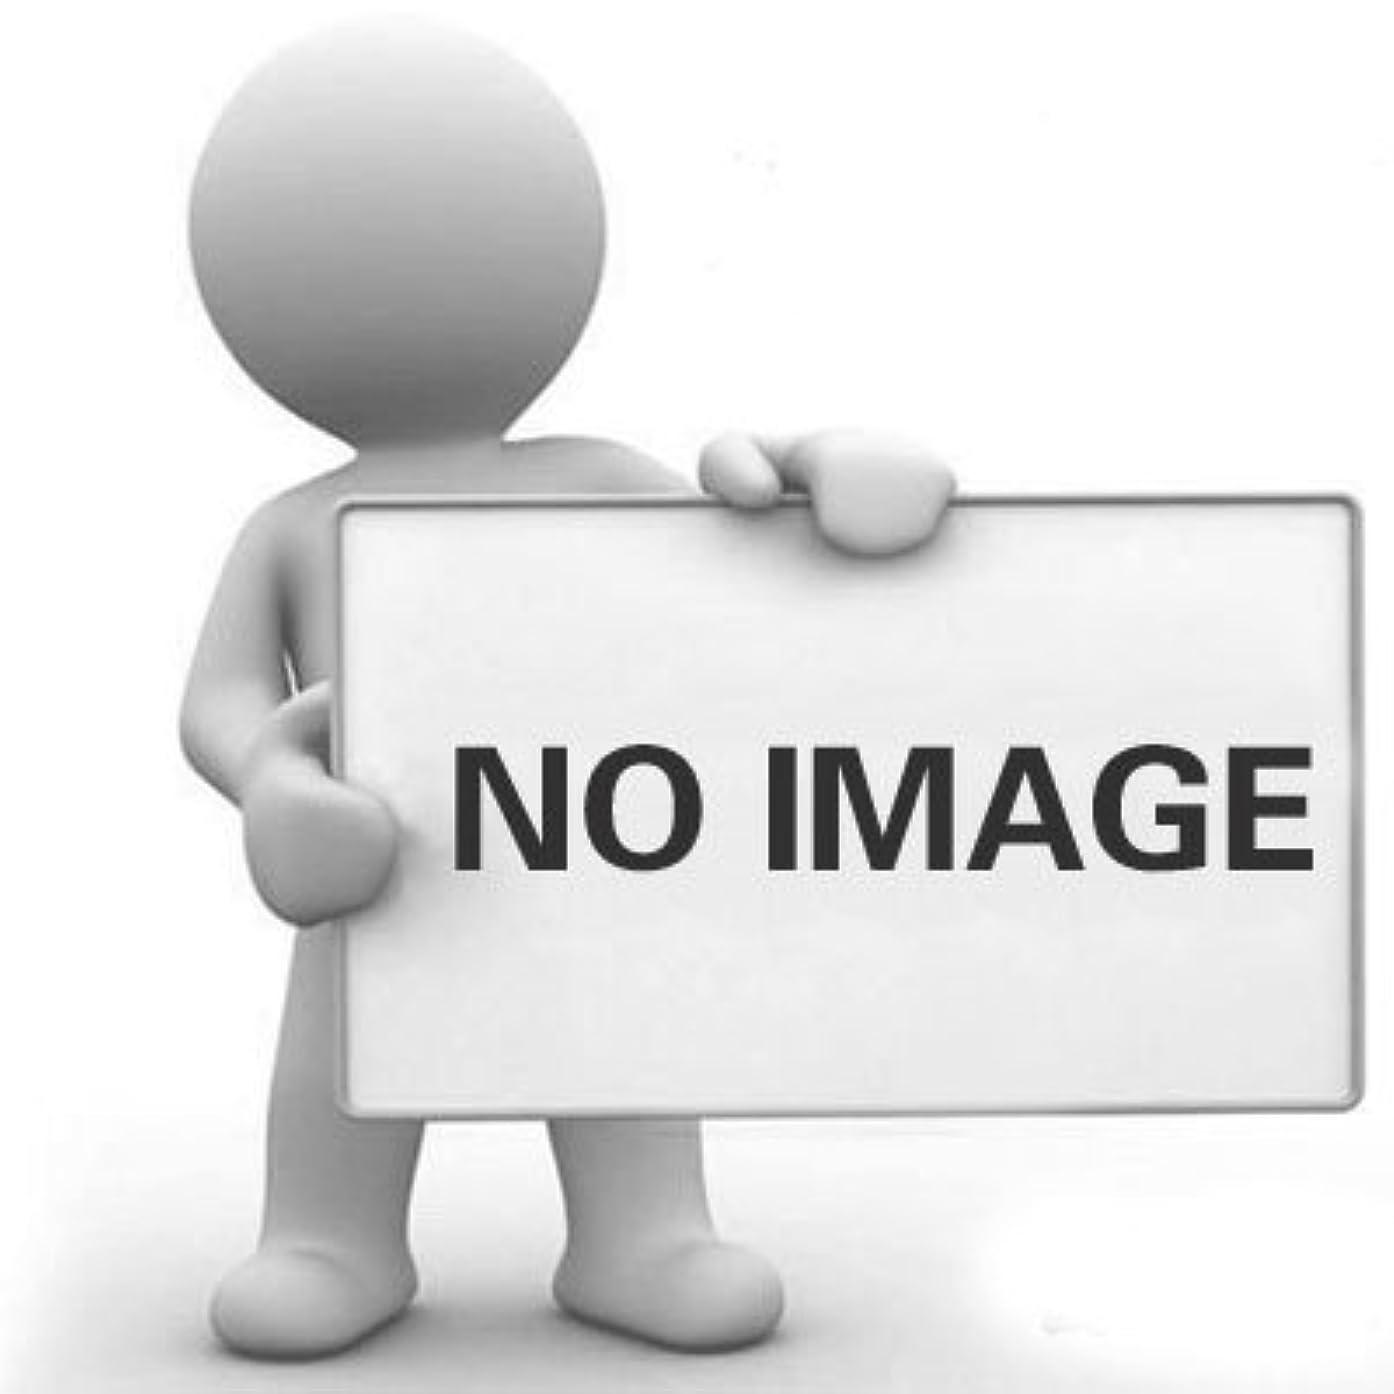 閉塞信念法廷T TOOYFUL ヘアケア ヘアブラシ 櫛 ?エッジコントロールブラシ ダブルサイド プロ サロン 自宅用 全3色 - 紫 6本